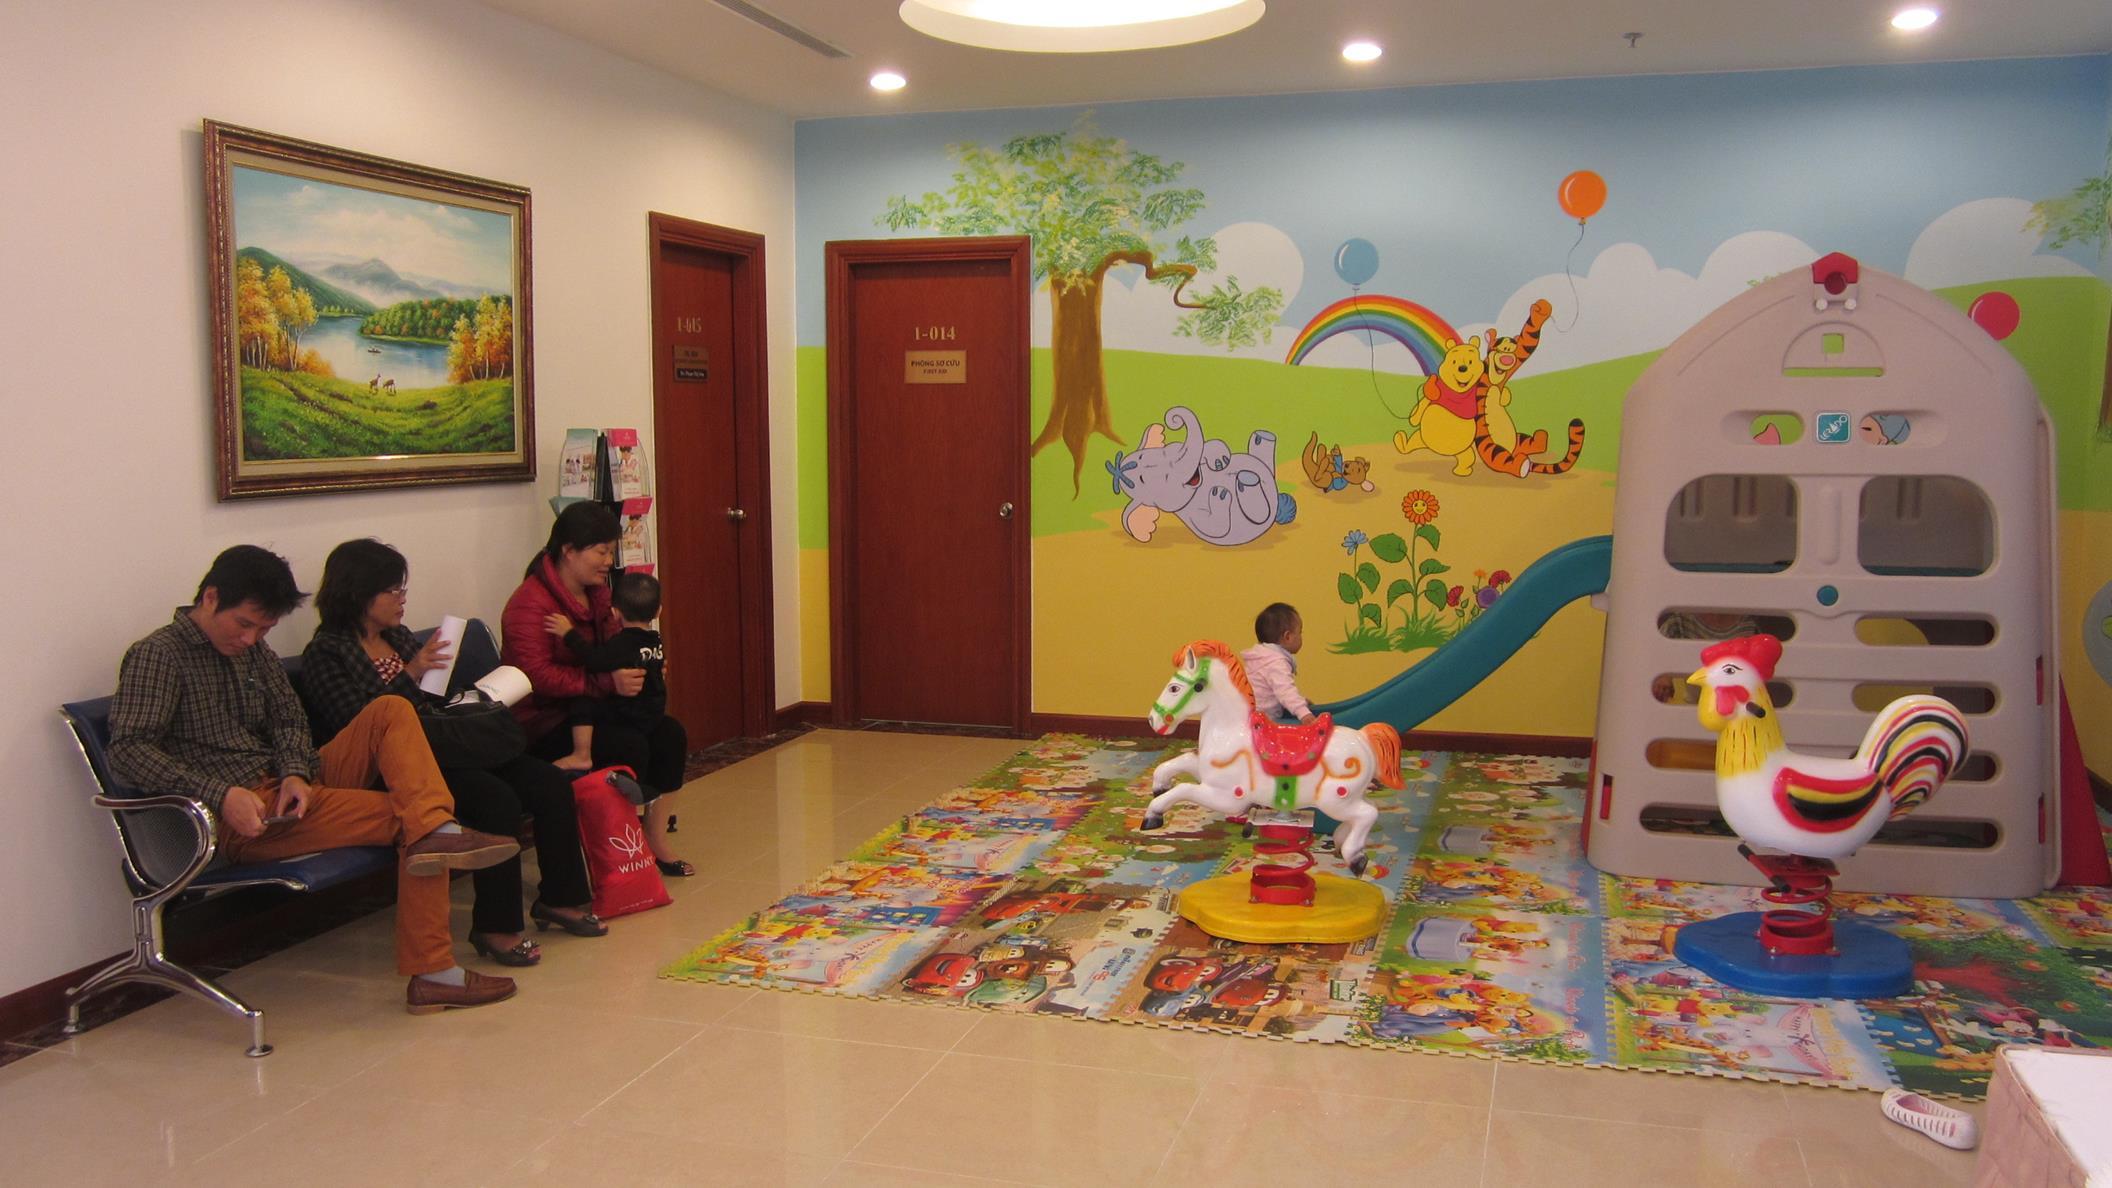 Khai trương phòng khám Quốc tế Vinmec - Royal City 7